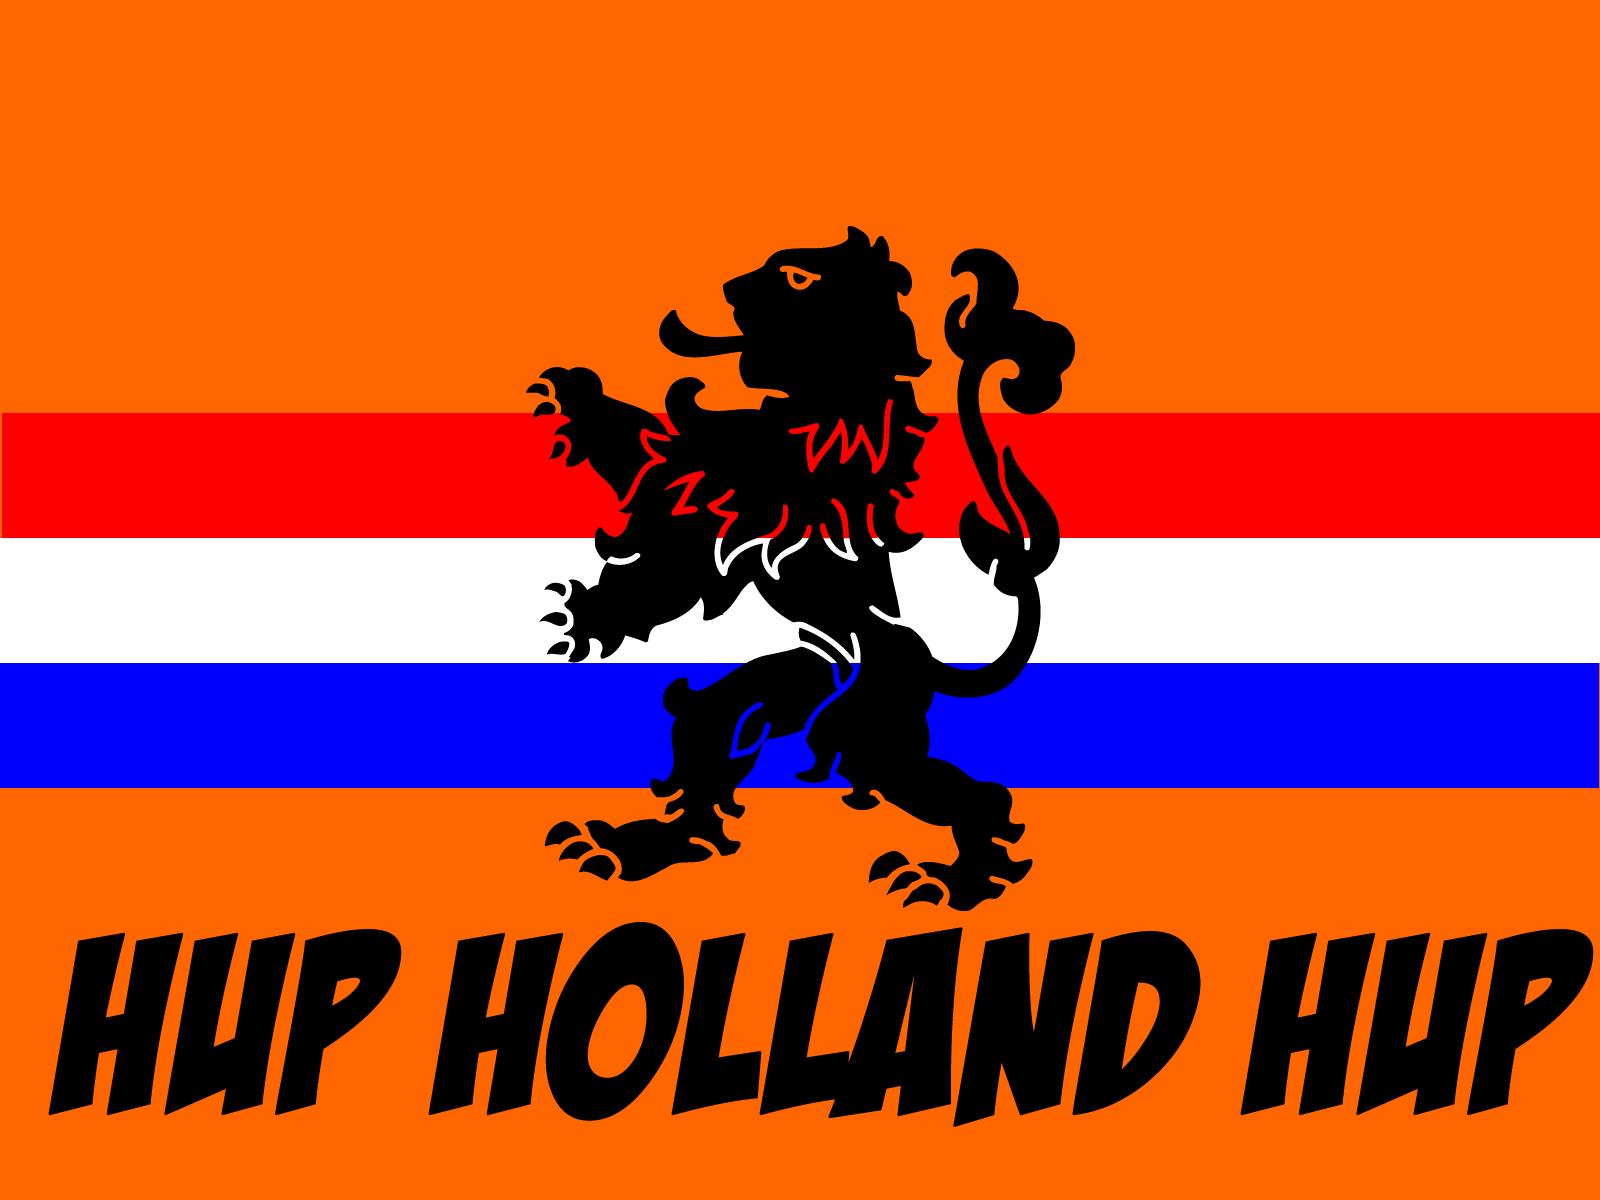 http://fc04.deviantart.net/fs70/f/2010/160/9/e/HUP_HOLLAND_HUP_by_LightSeven.png